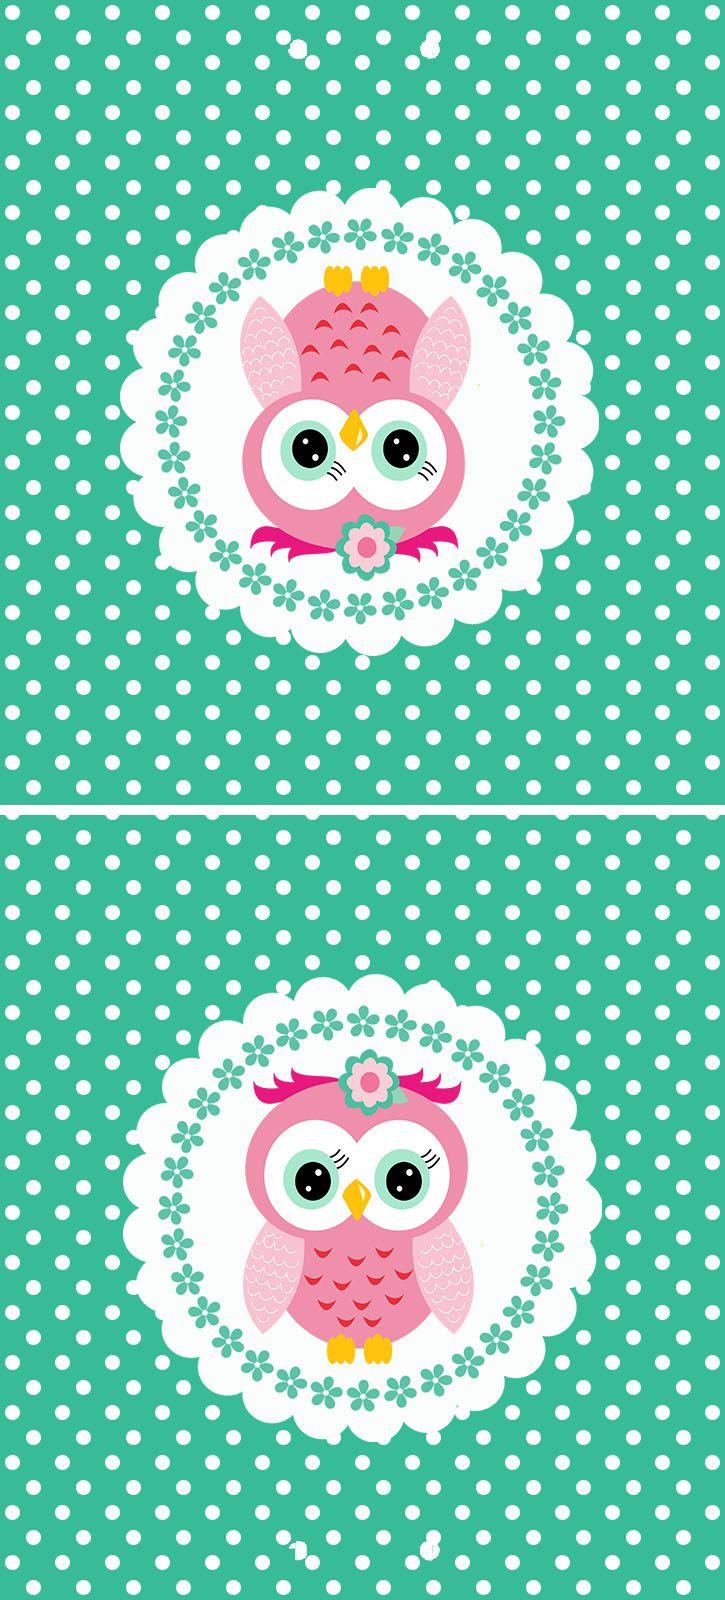 Oh My 15 Años!: Mini Kit Buhita Rosa en Fondo Verde con Lunares para Imprimir Gratis.